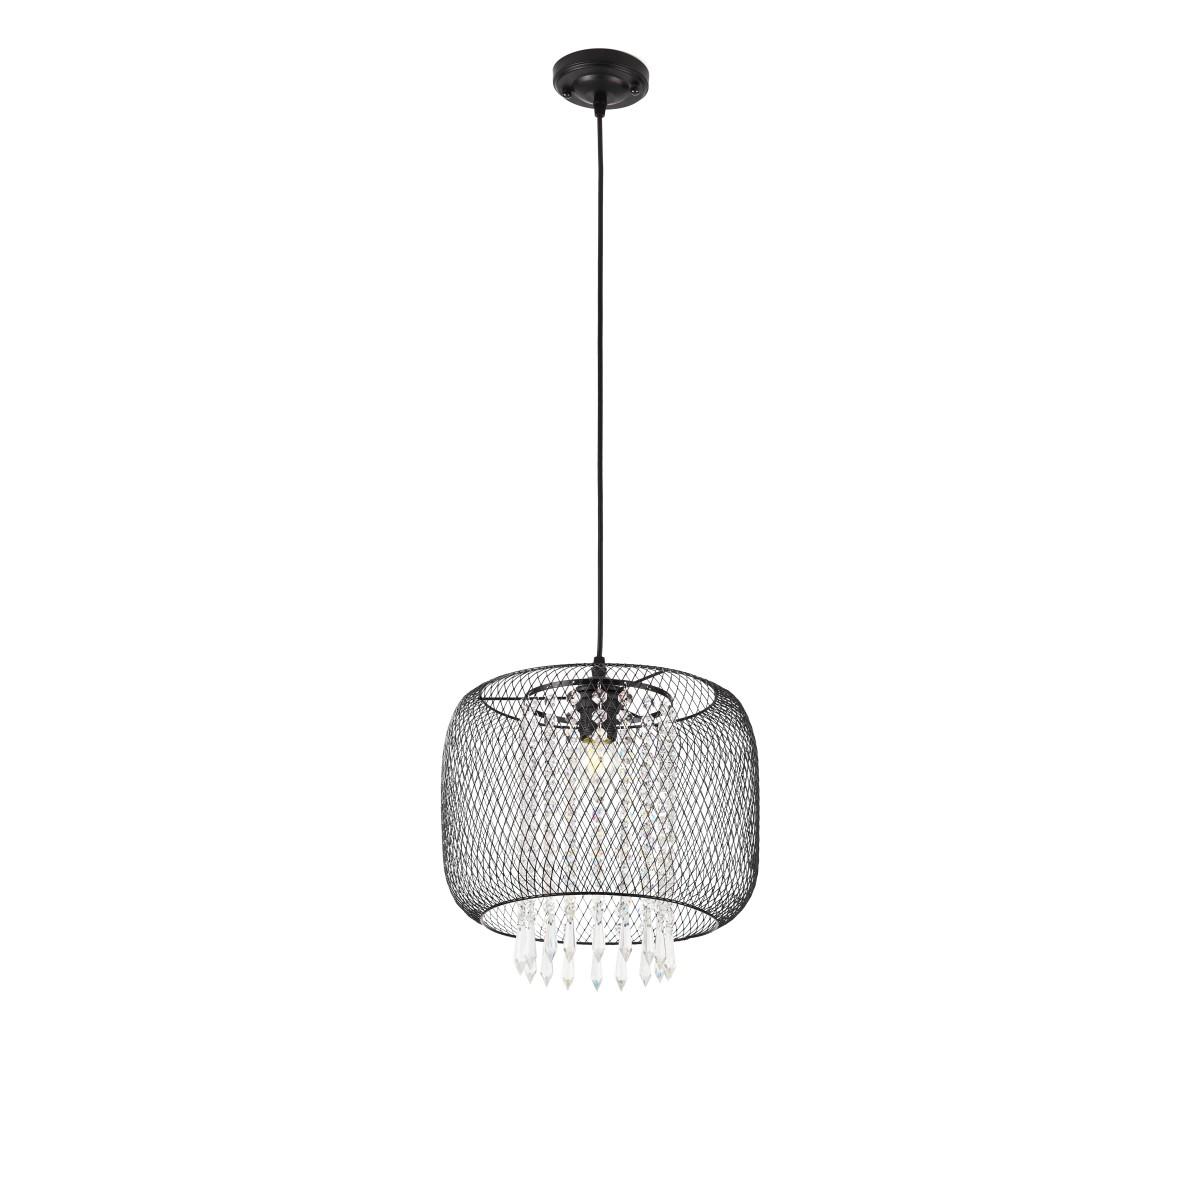 Светильник подвесной овальный Marro 1 лампа 3 м² цвет черный